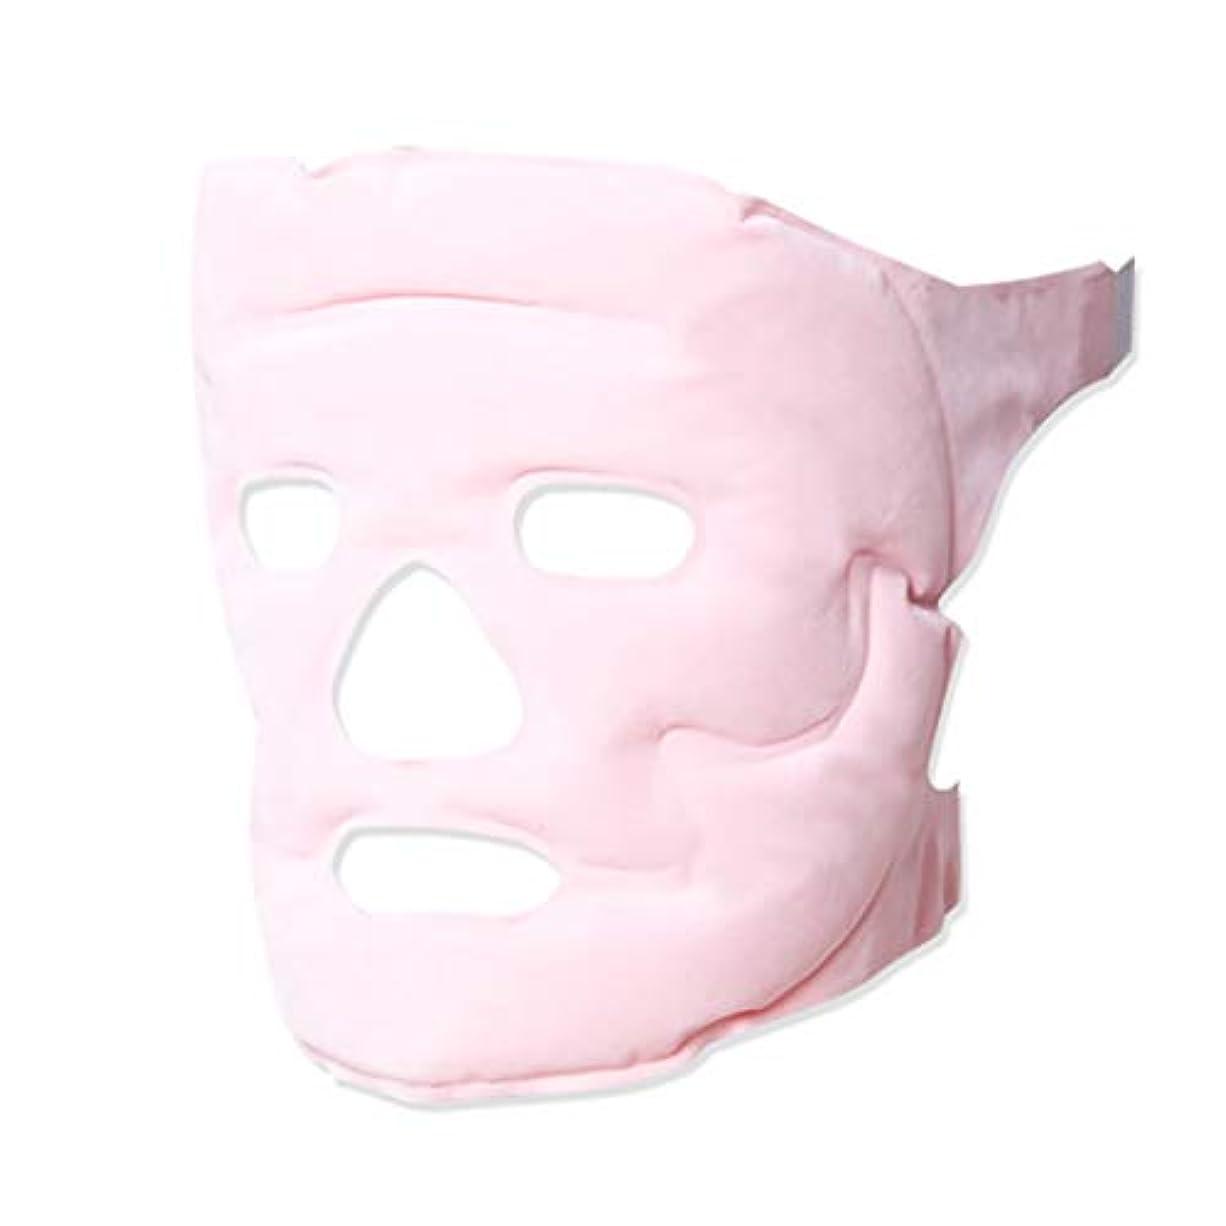 ギャングスター先祖君主制Vフェイスマスク睡眠薄い顔美容マスク磁気療法持ち上がる引き締め判決パターン包帯アーティファクトピンク